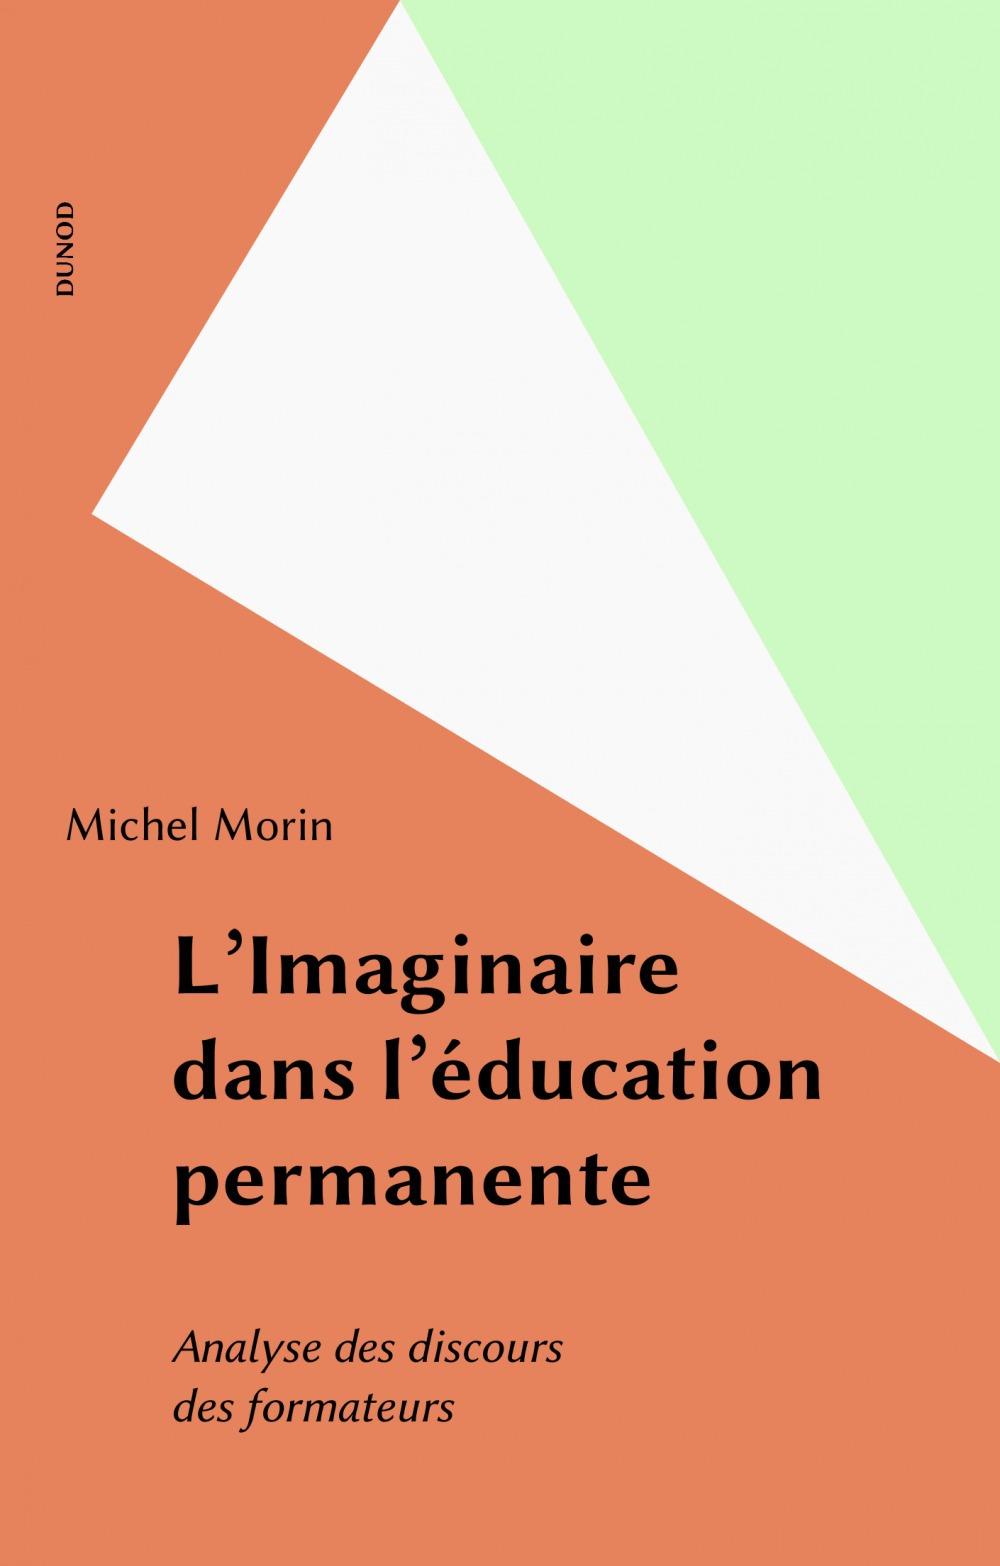 L'Imaginaire dans l'éducation permanente